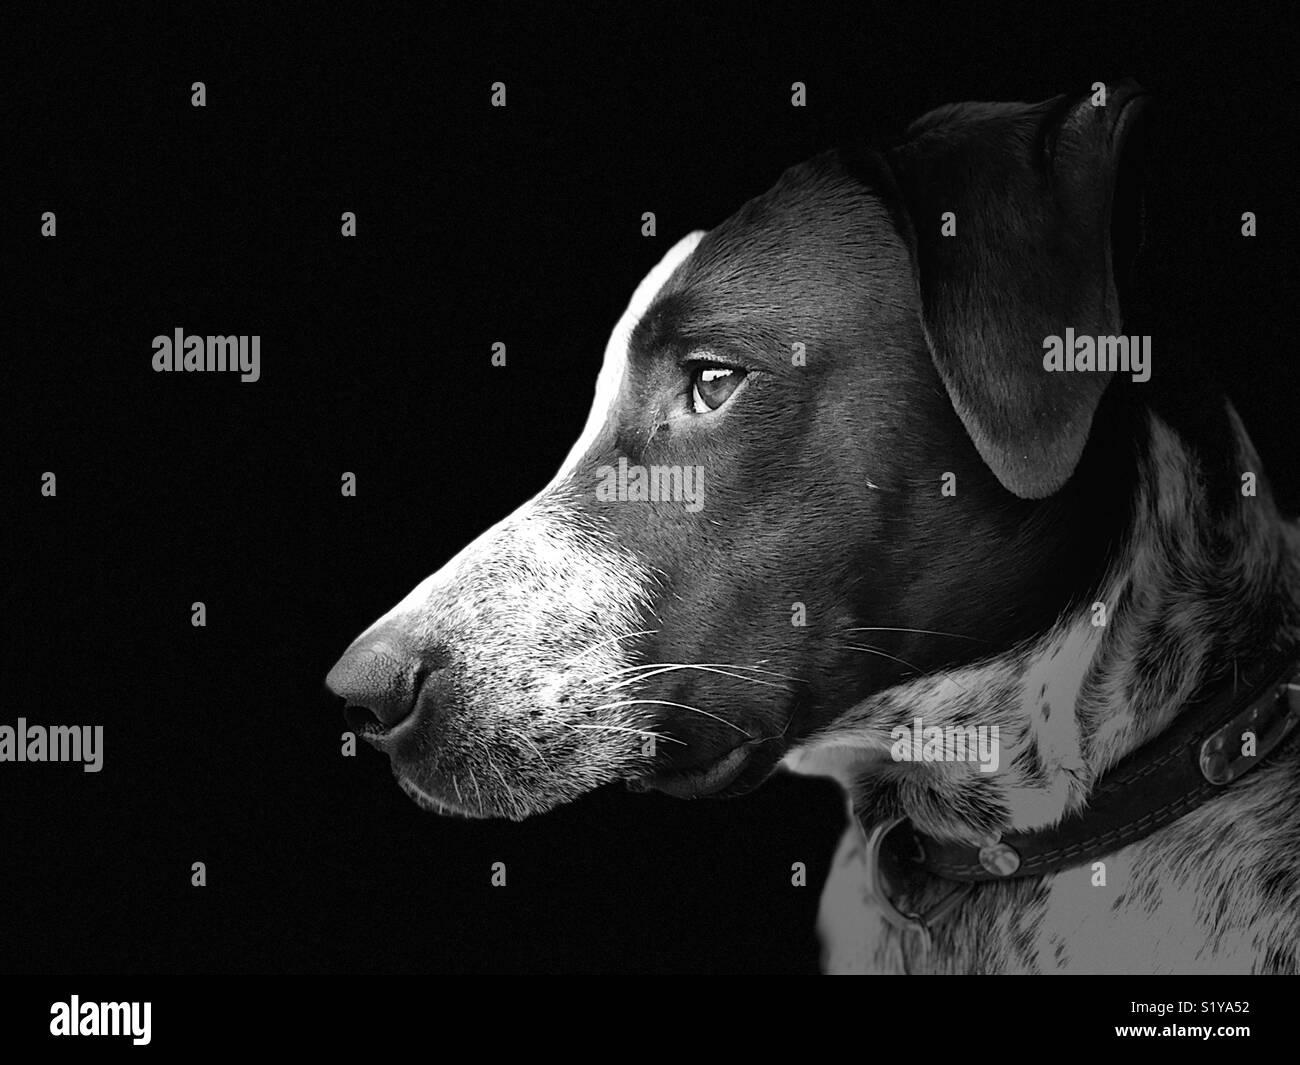 Fotografía en blanco y negro de perro Imagen De Stock